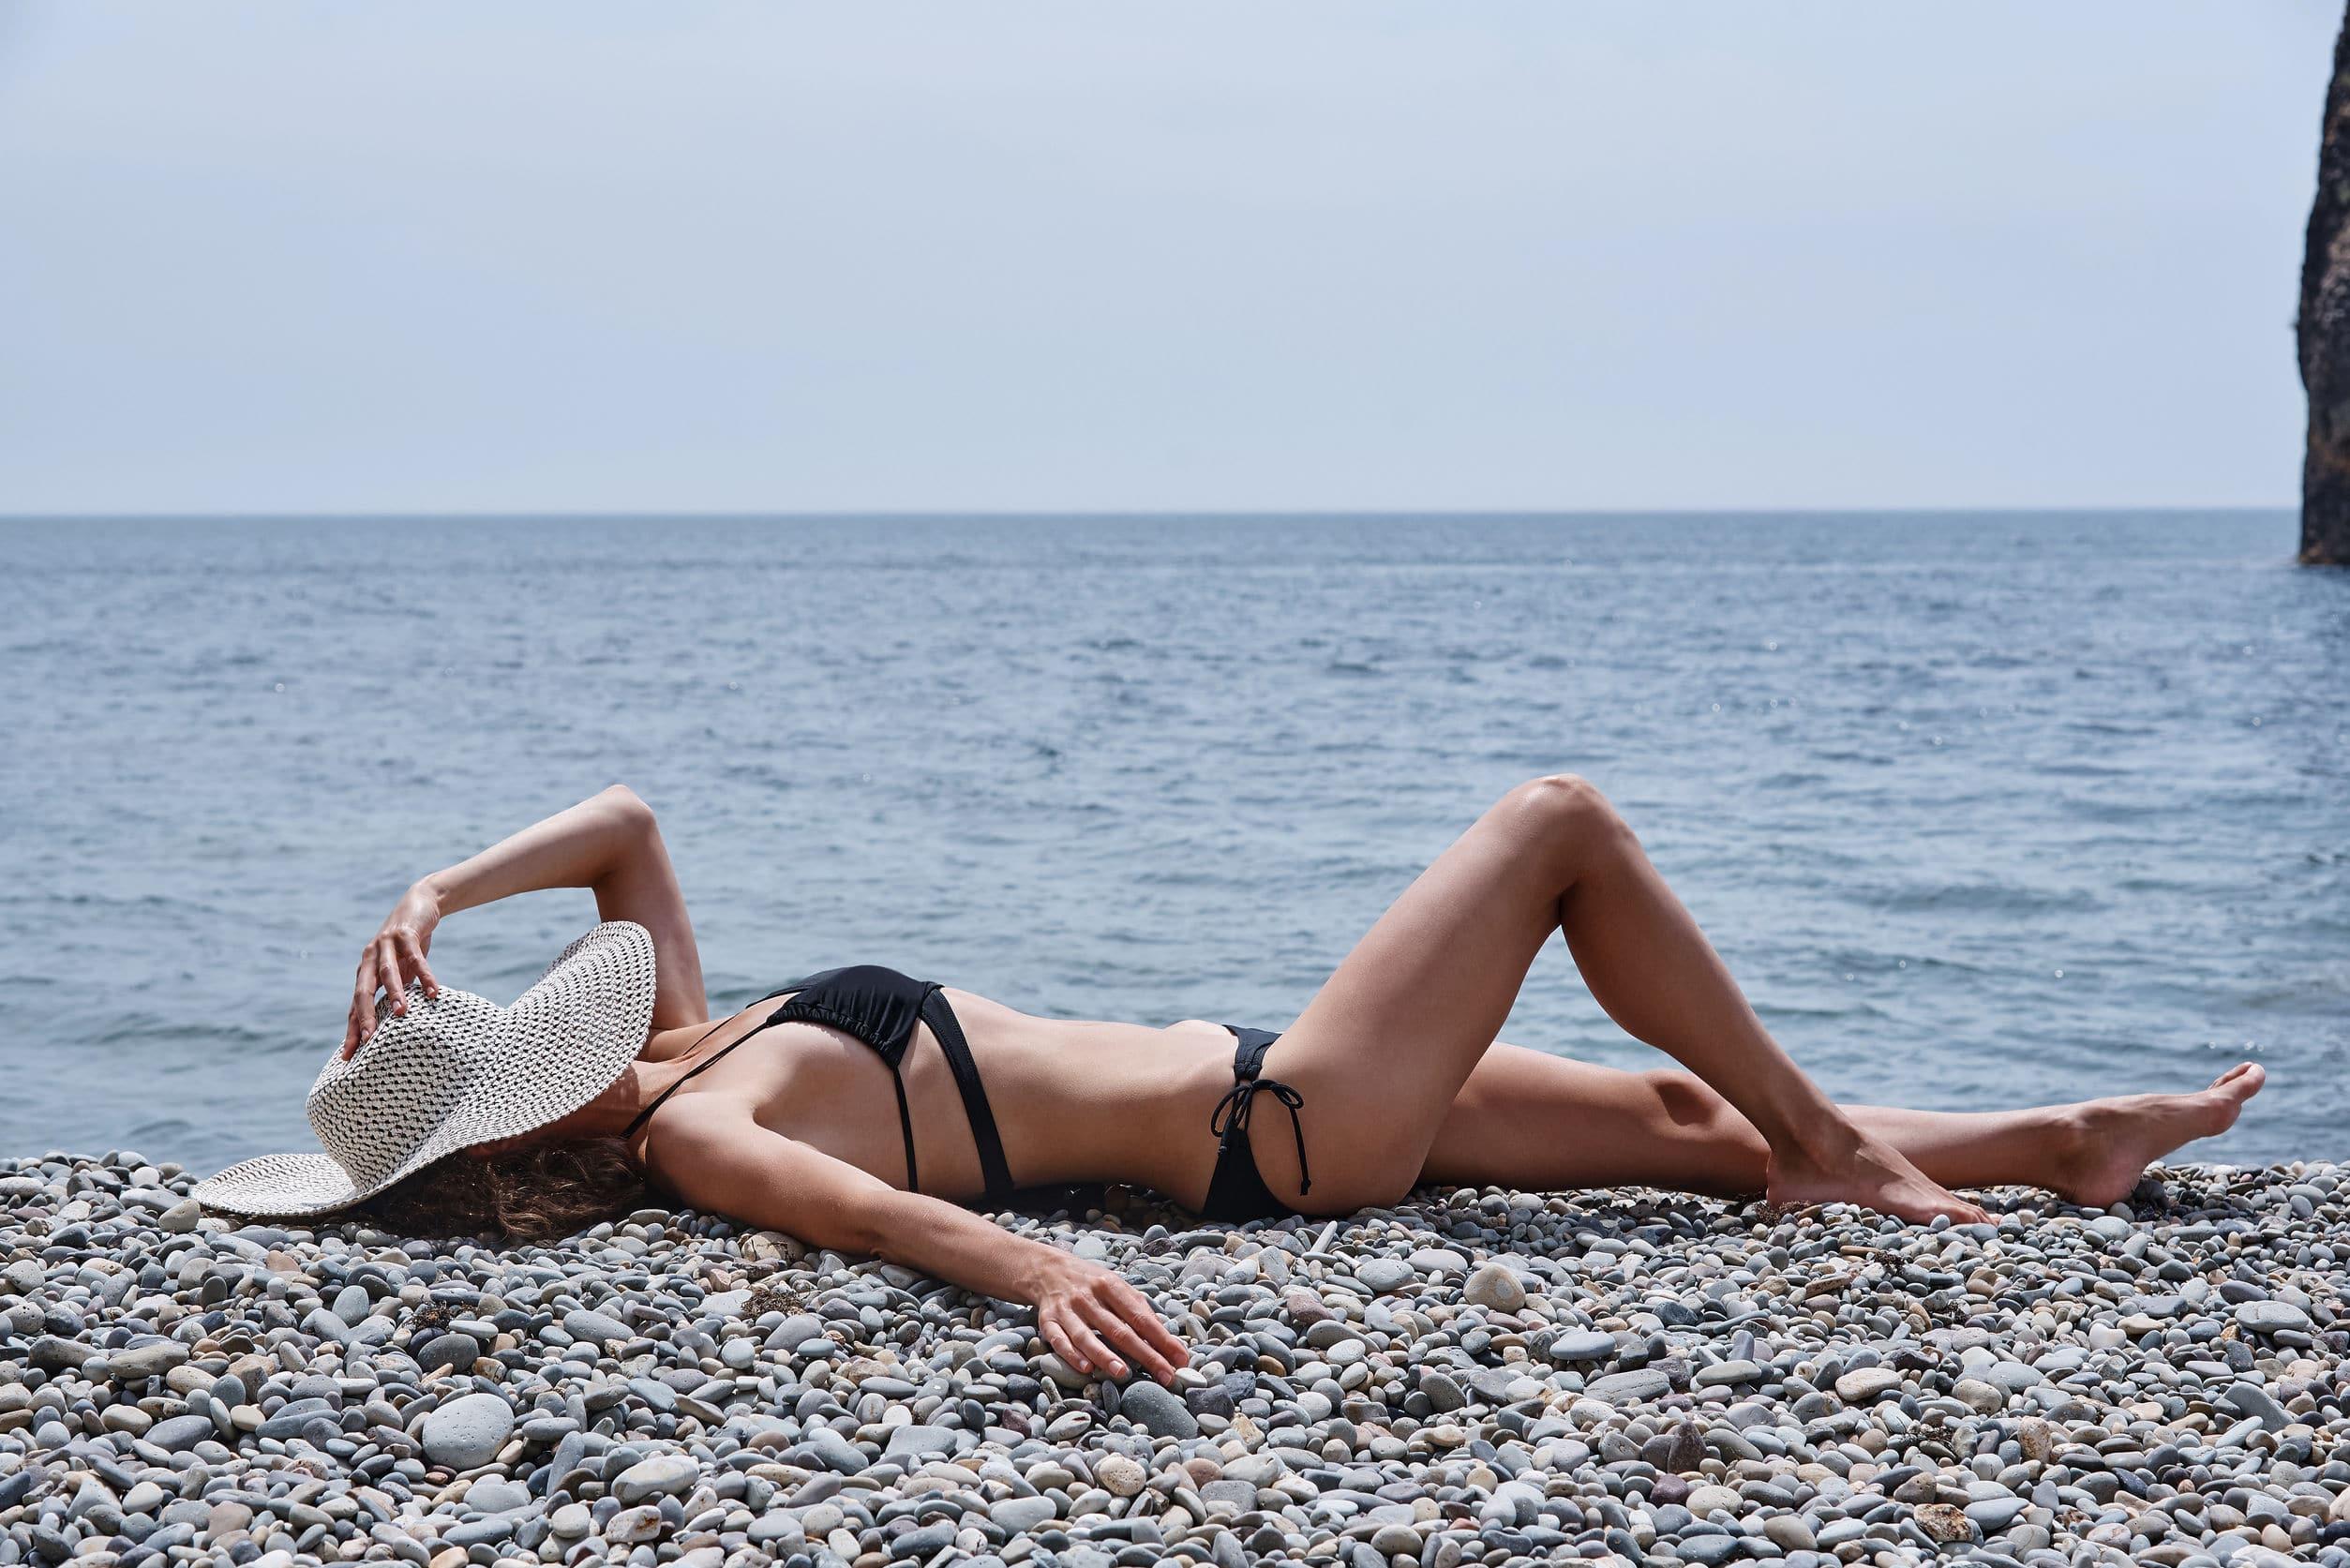 Mulher deitada em pedras na beira do mar com chapéu de palha cobrindo seu rosto enquanto toma sol.